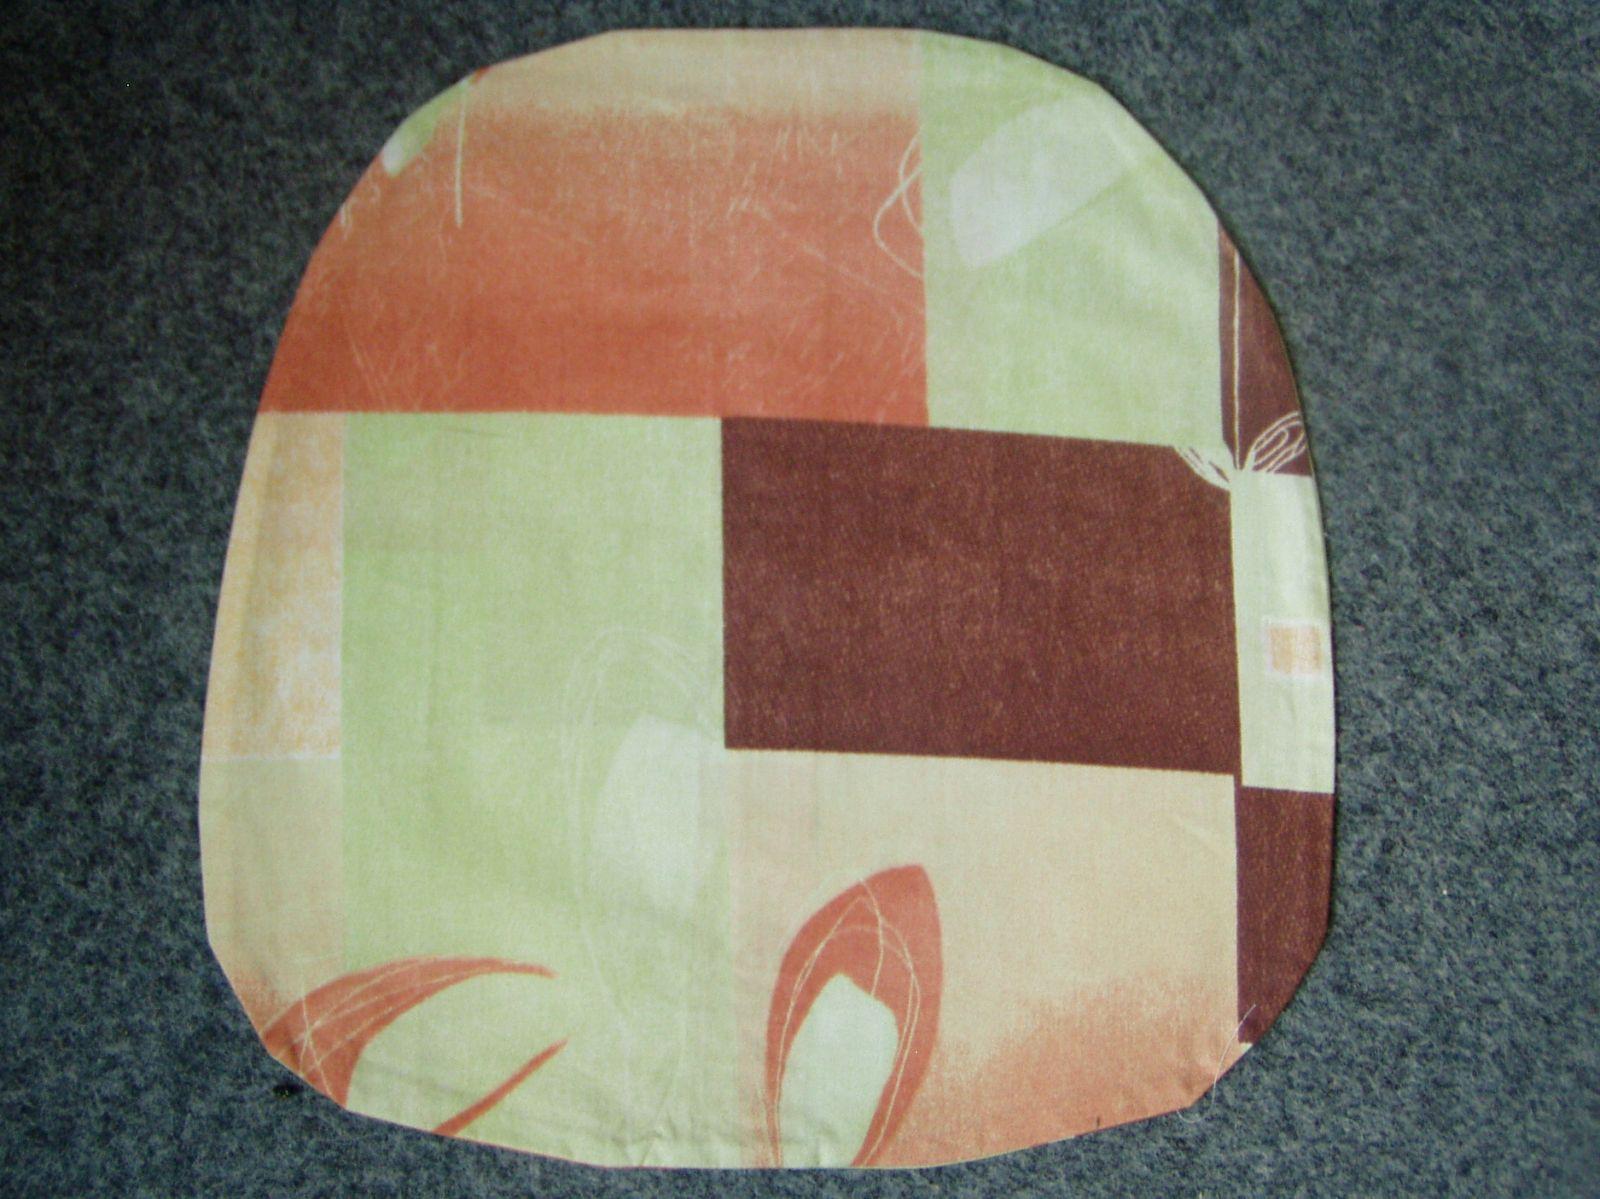 Povlak na kuchyňský sedák zelenocihlový 40x40 cm Dadka